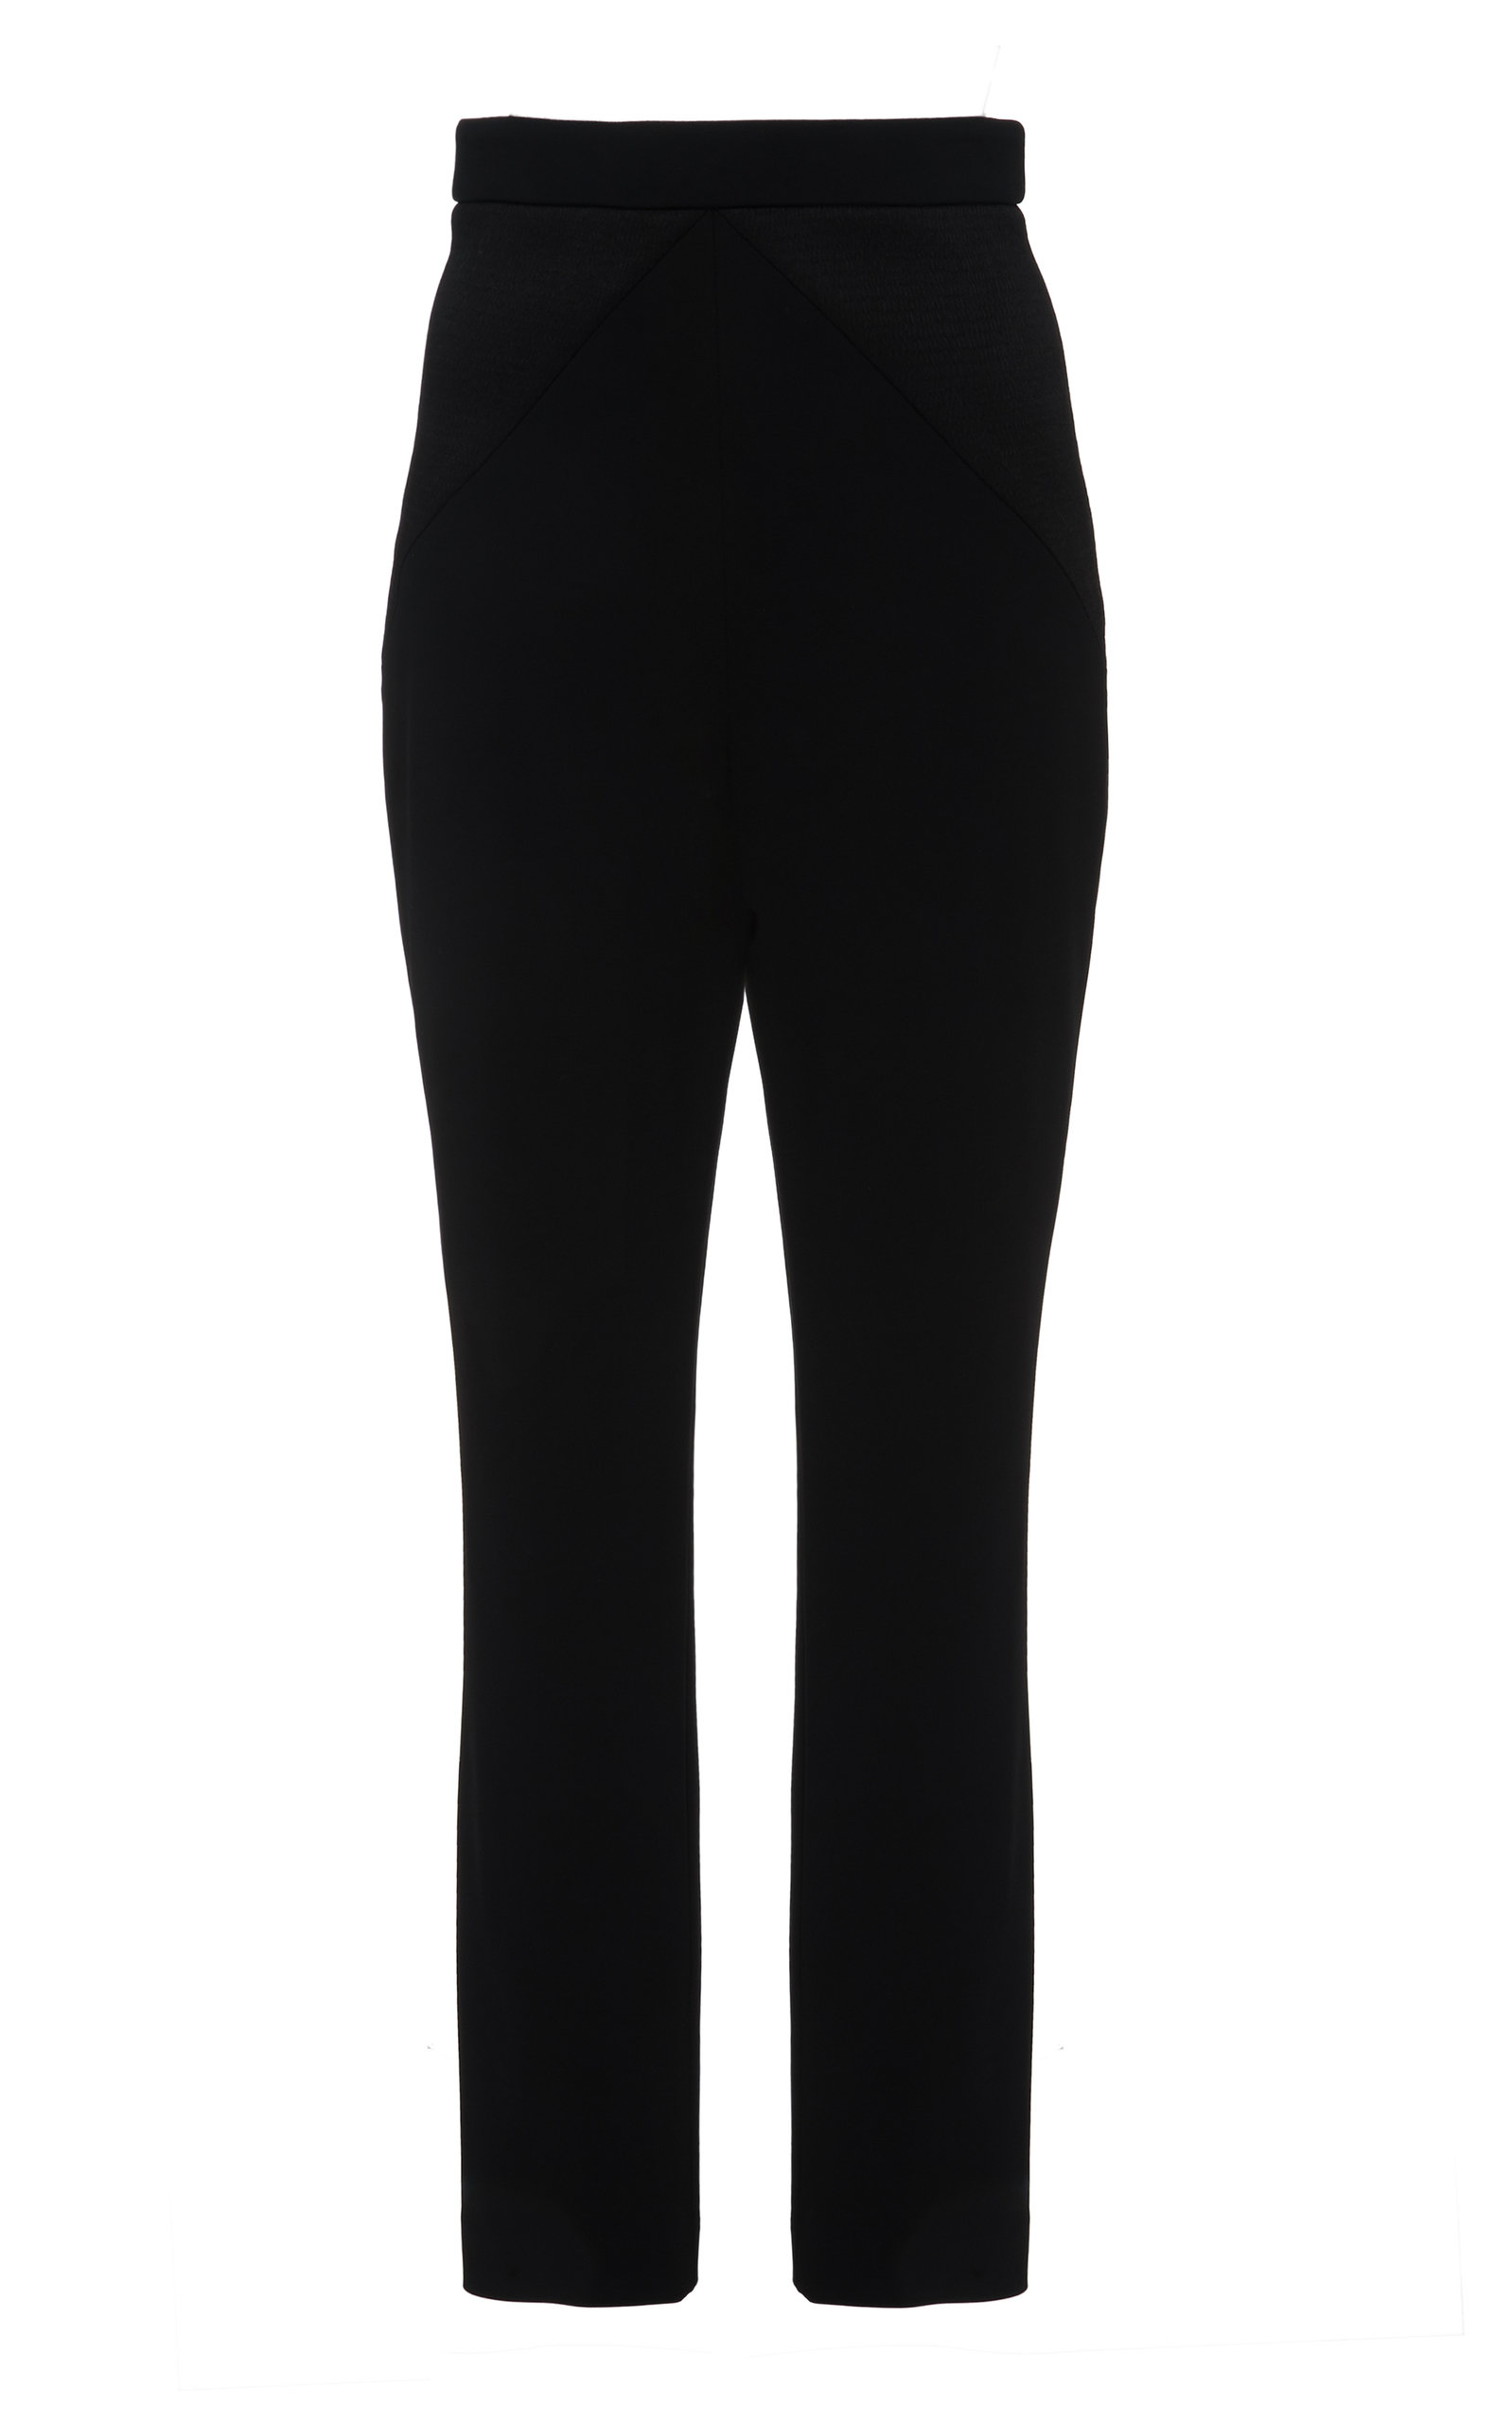 Cushnie Pants SATIN HIGH-RISE SKINNY PANTS